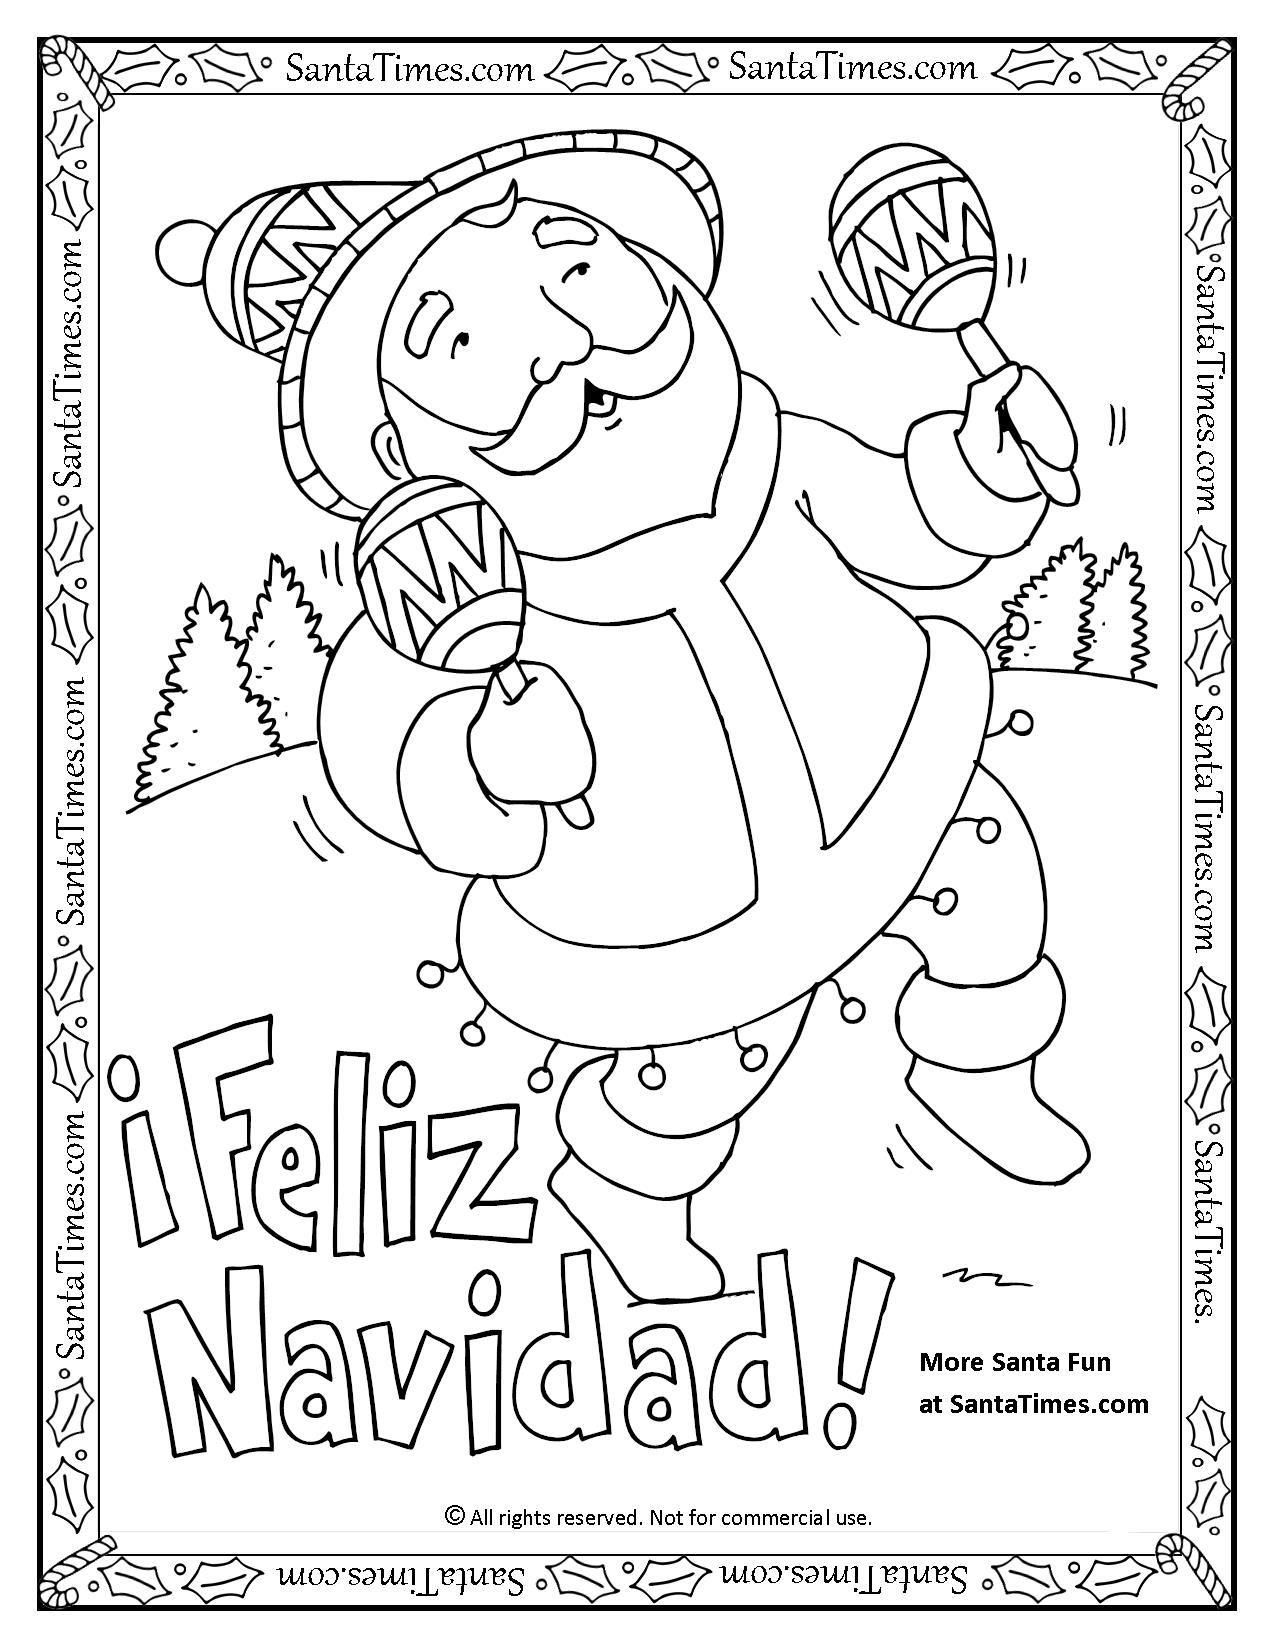 Feliz Navidad Printable Coloring Page Papa Noel Quiere